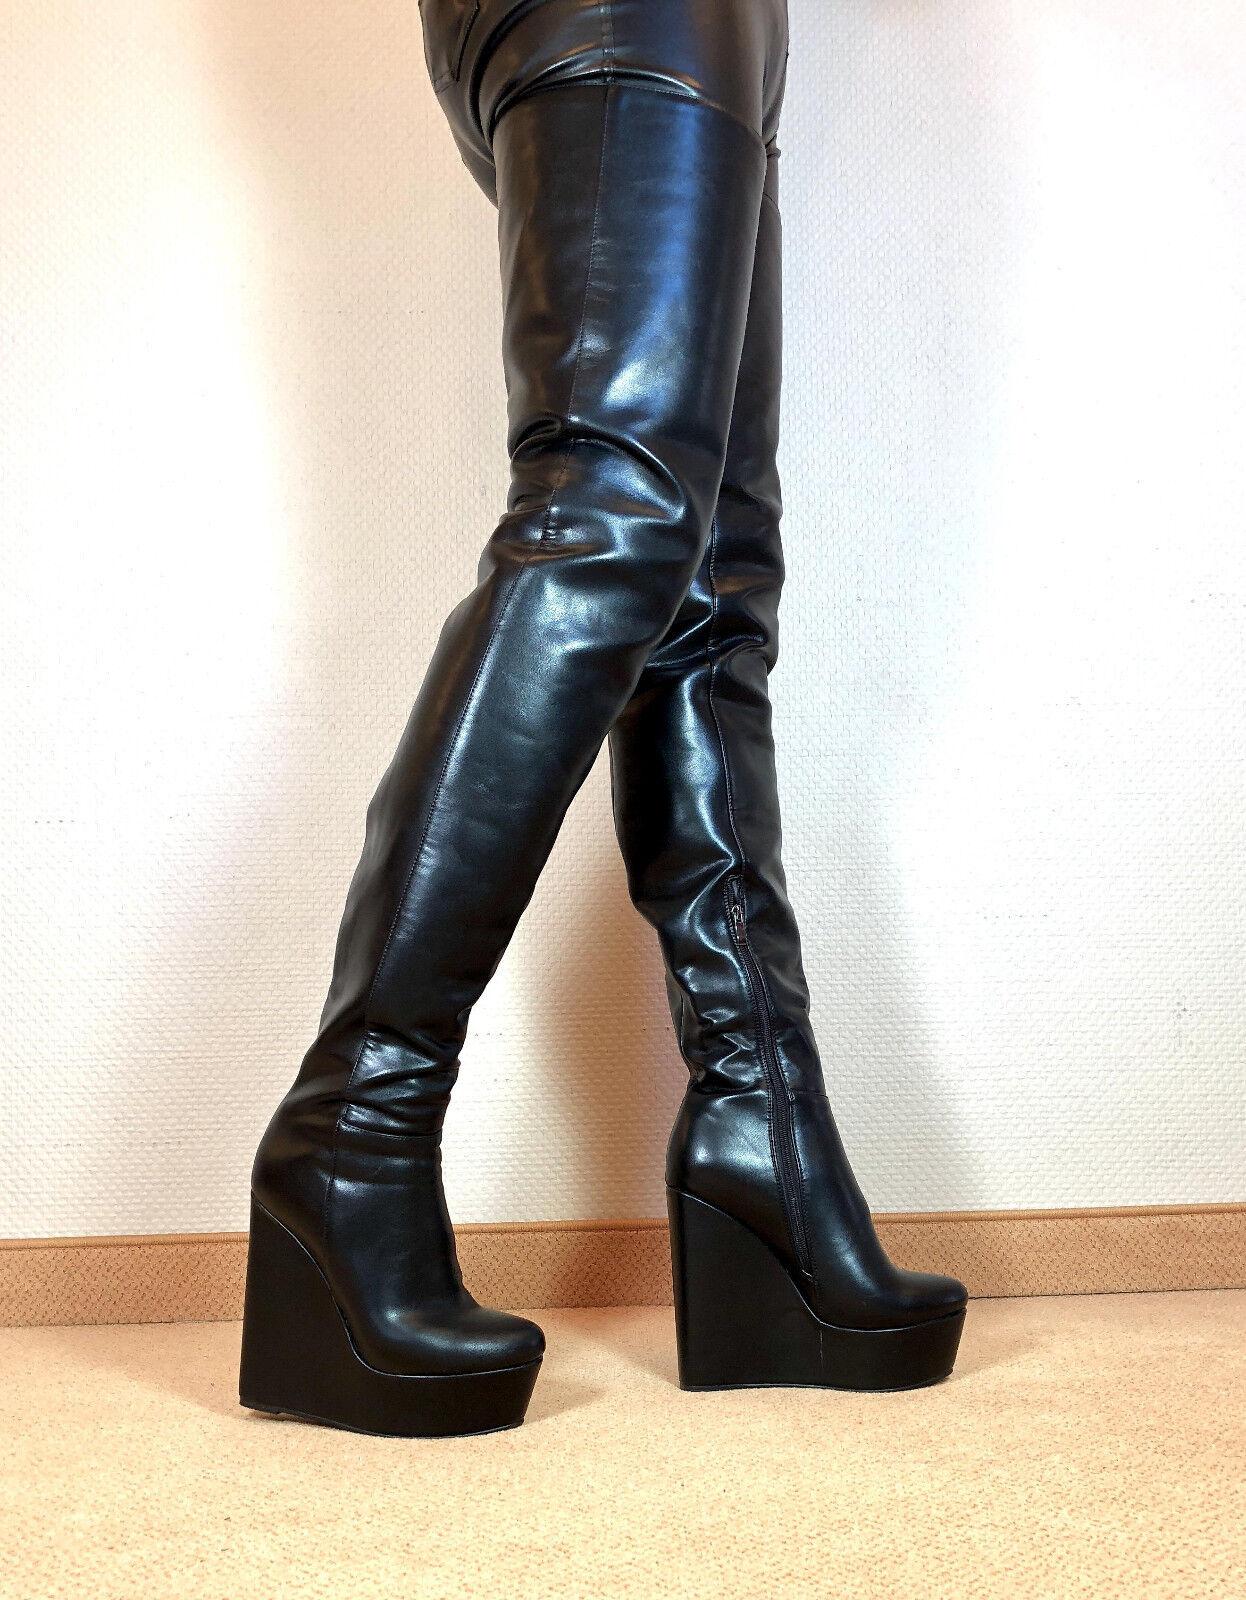 Gr.42 TOP   Exklusiv Sexy Damen Schuhe Overknee Wedges Stiefel Männer Stiefel F1